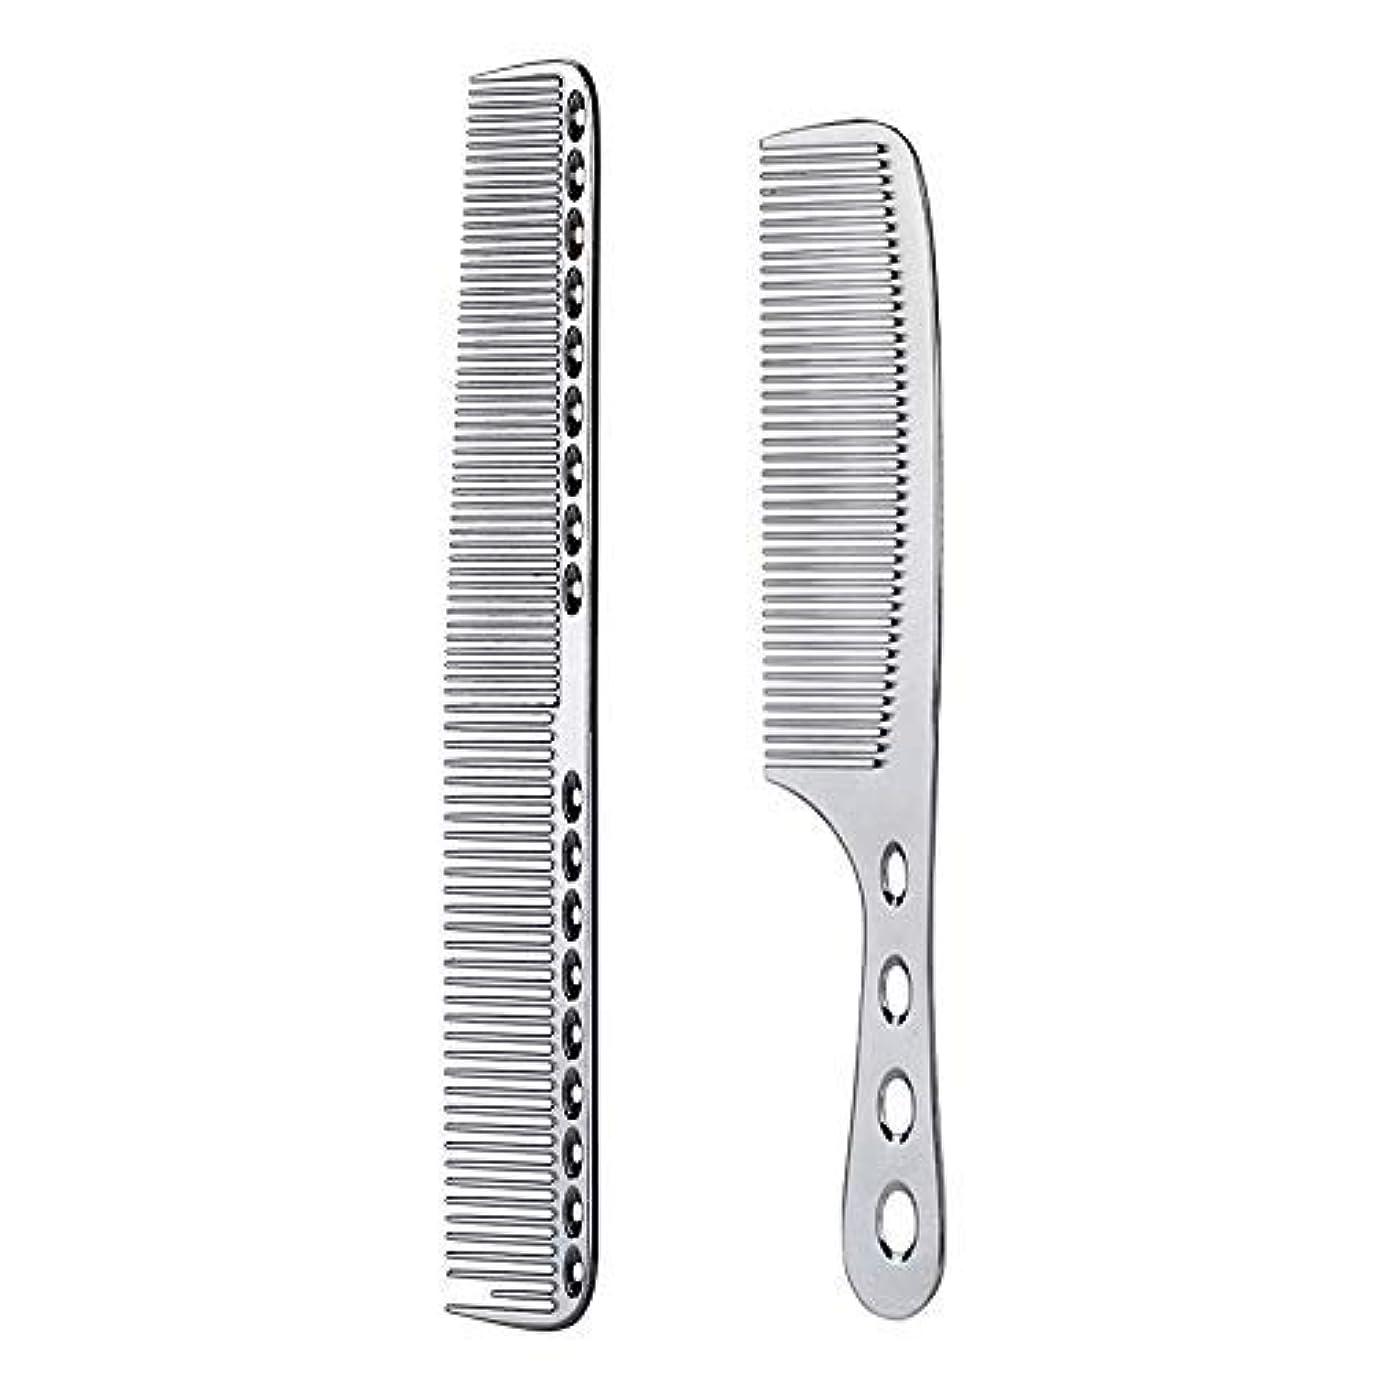 アベニューデッドロック現実的2 pcs Stainless Steel Hair Combs Anti Static Styling Comb Hairdressing Barbers Combs (Silver) [並行輸入品]